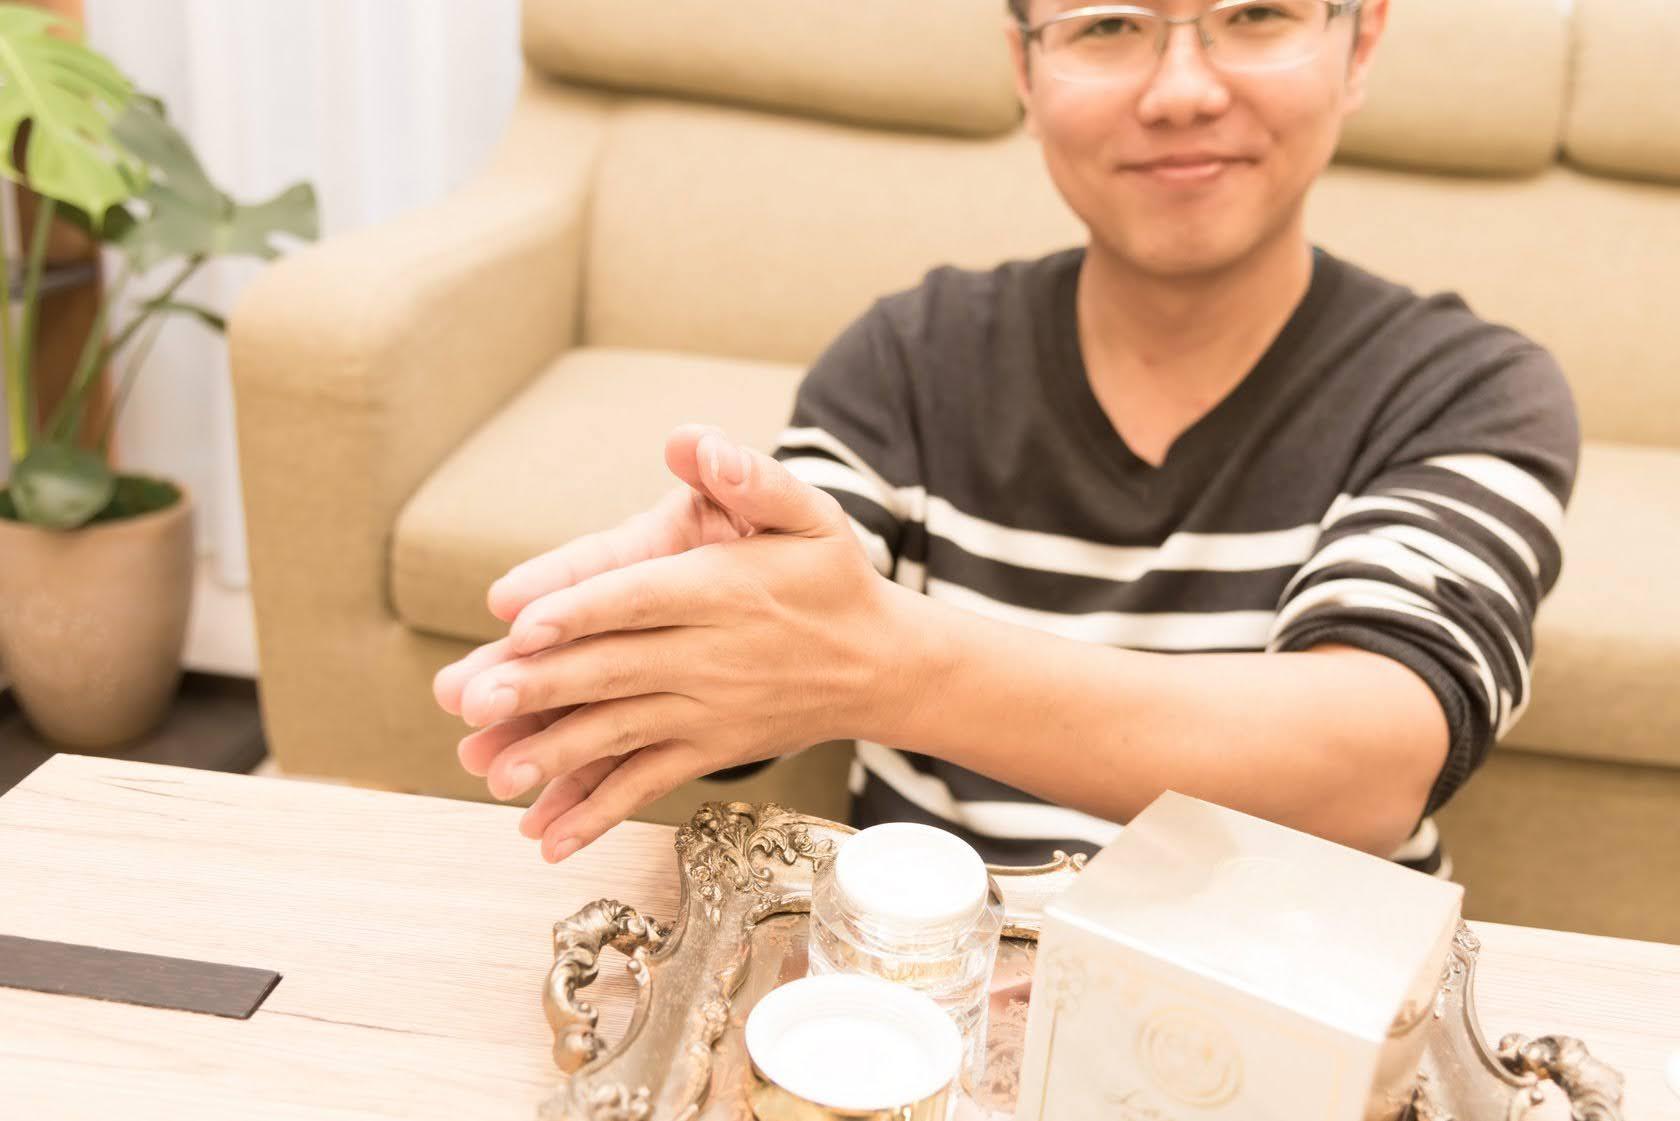 貴婦霜 男生體驗過程紀錄 滋養新體驗